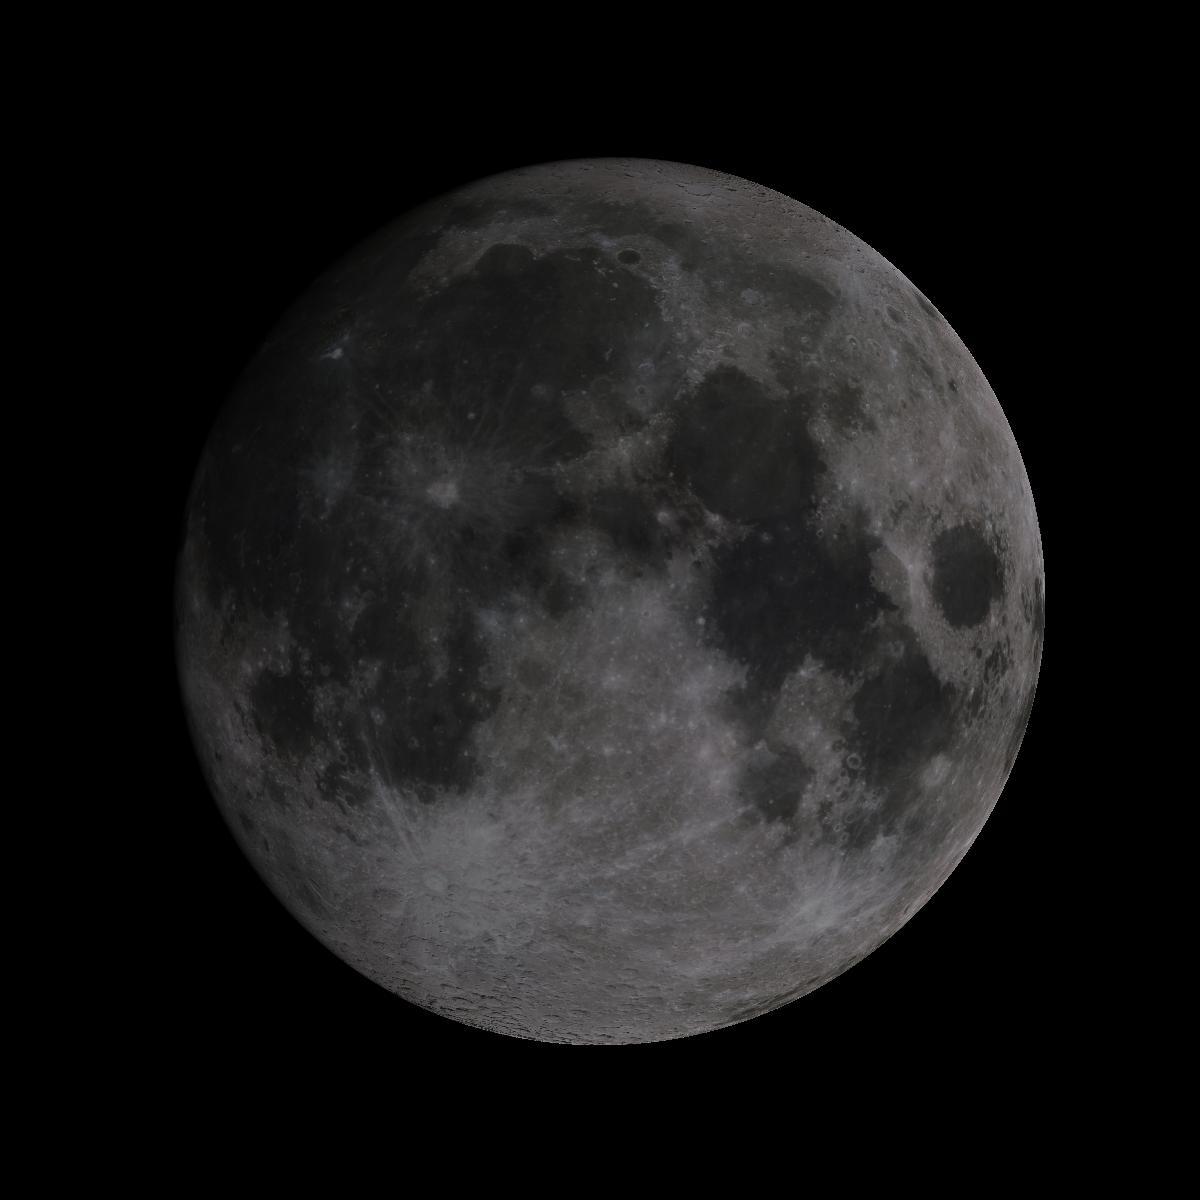 Lune du 14 aout 2019